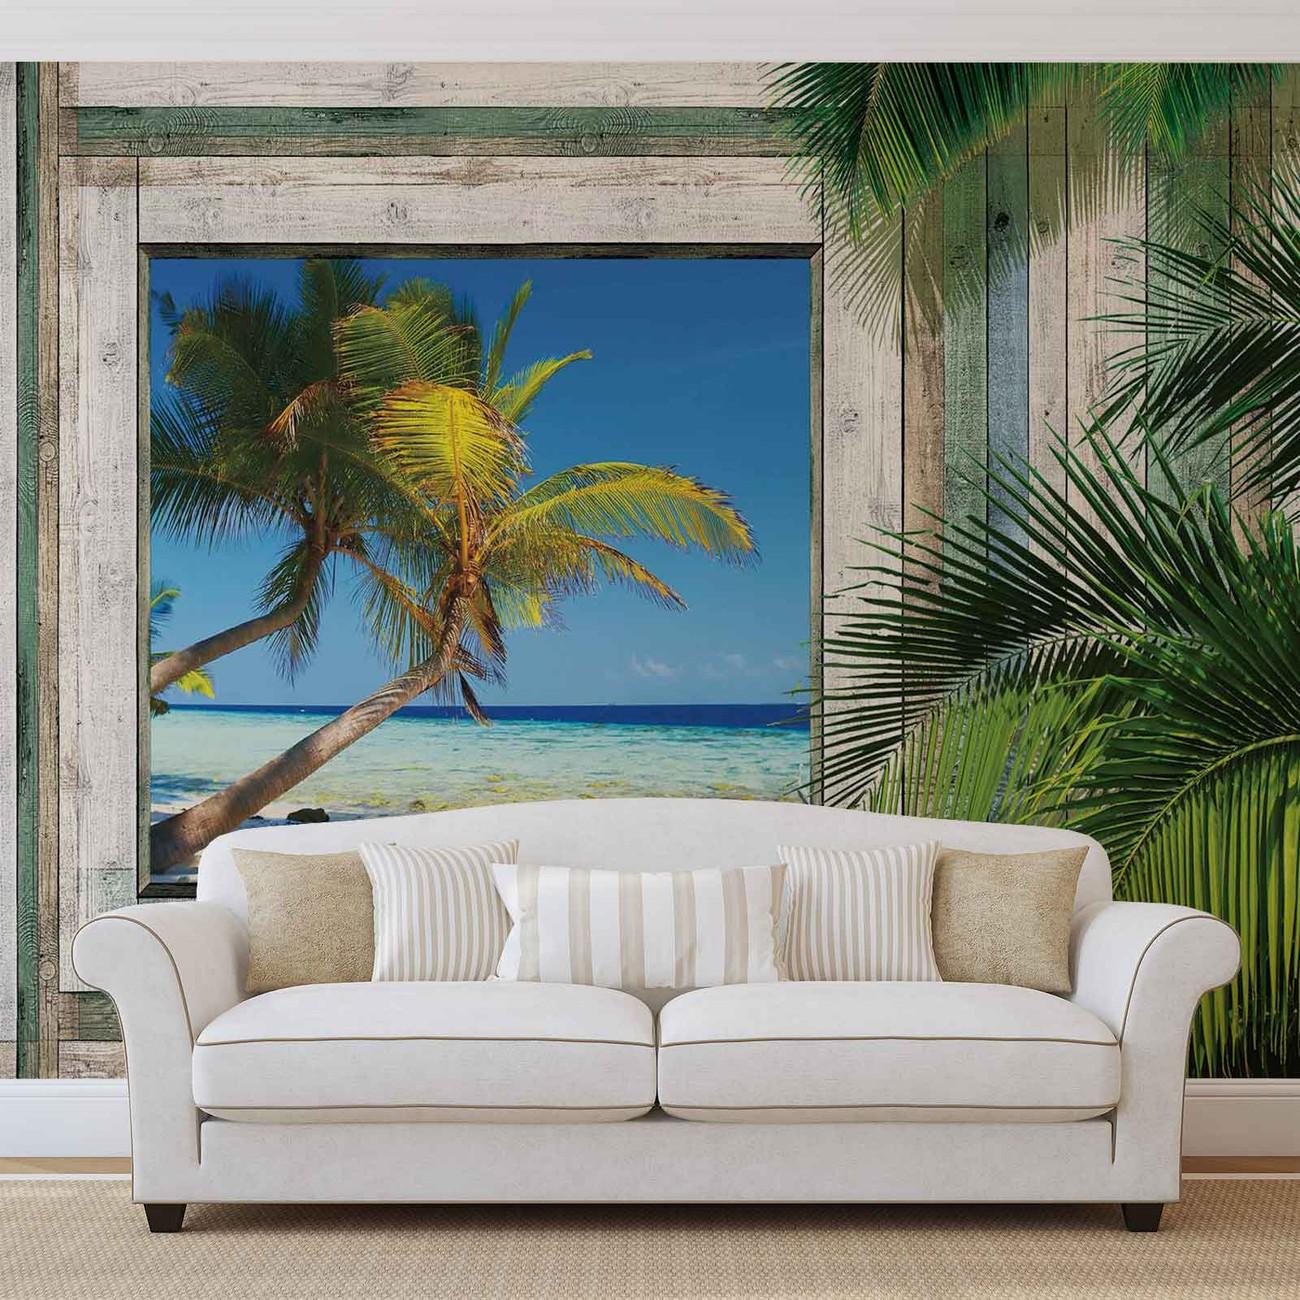 Vue plage tropical poster mural papier peint acheter le - Poster mural sur mesure ...